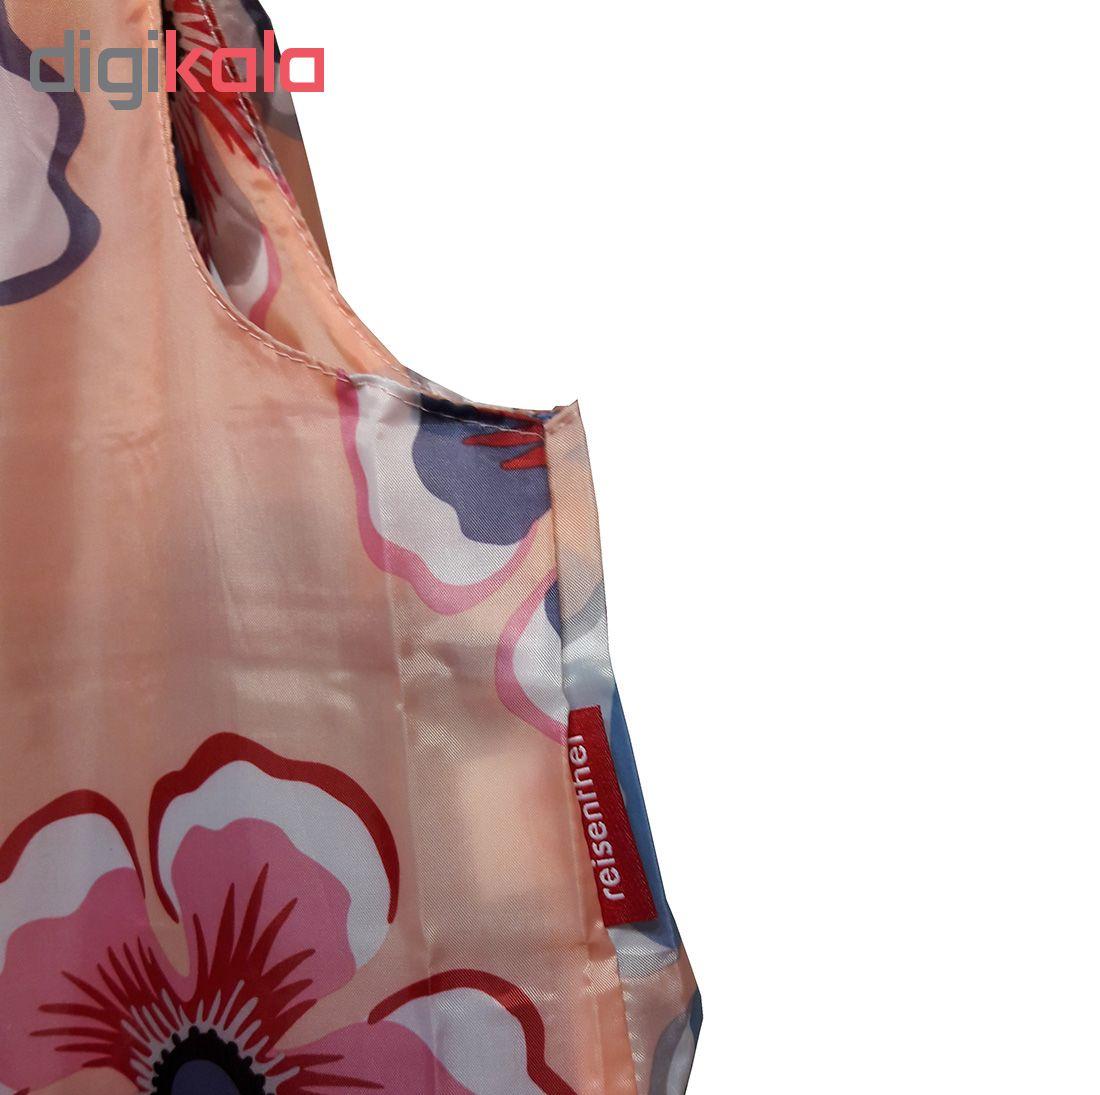 ساک خرید ریزن تل مدل MINI MAXI کد 574061-2